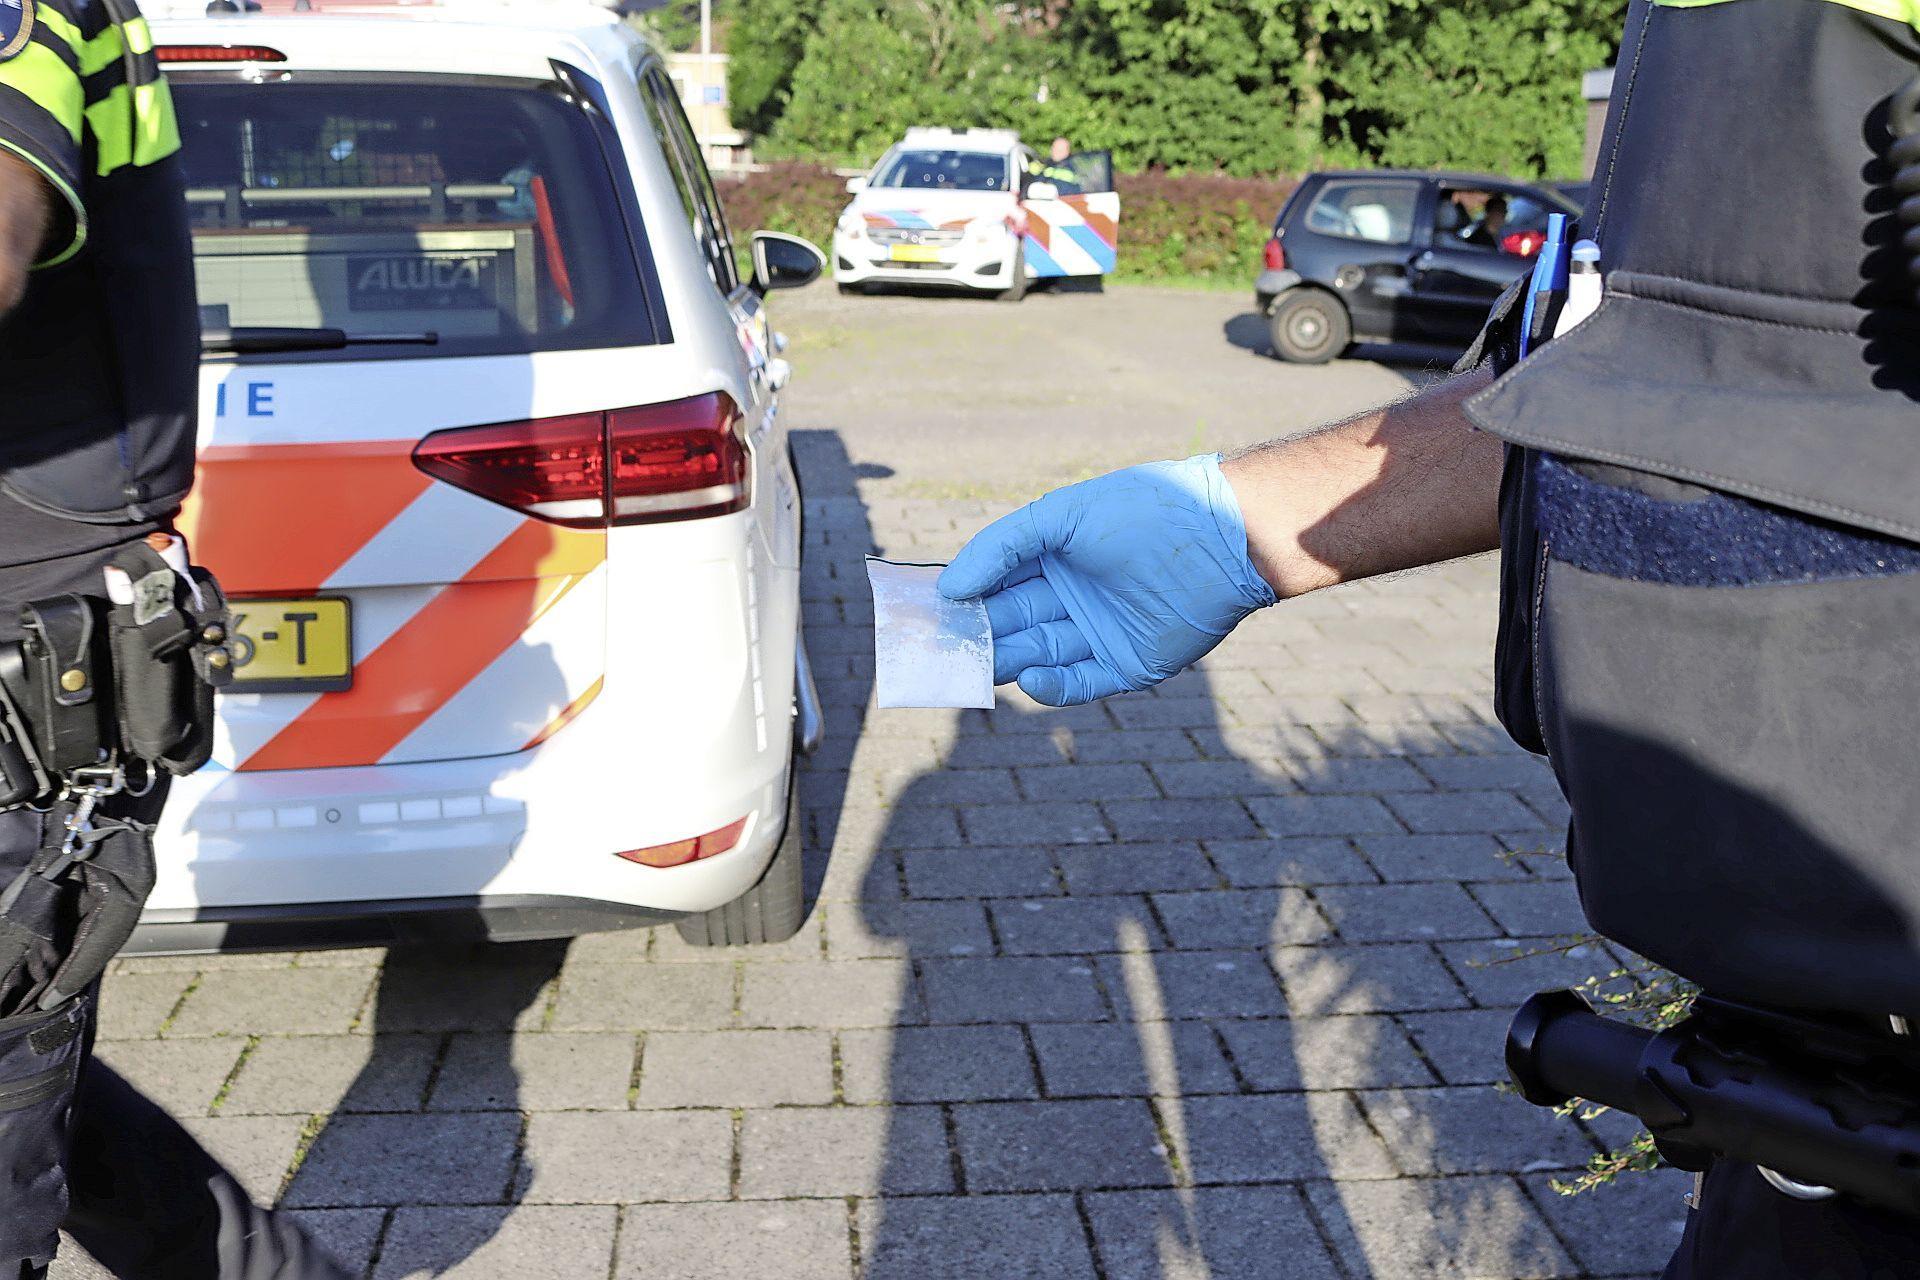 Cocaïne gevonden in busje bij aanrijding in Hillegom; bestuurder aangehouden